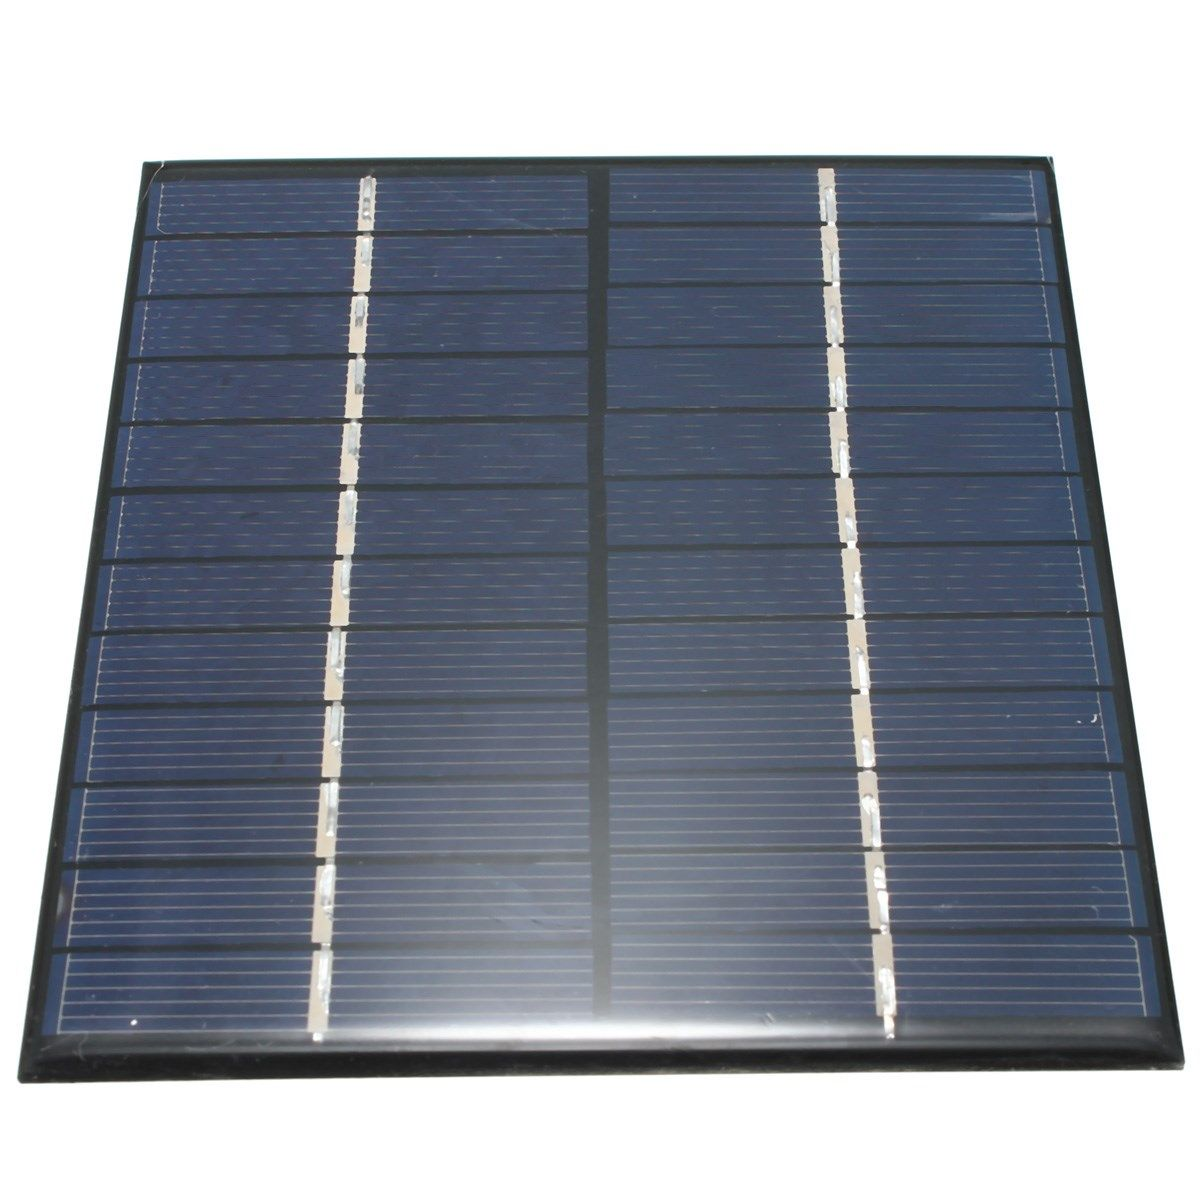 איכות גבוהה 12 V 2 W 160ma מודול פנל סולארי מיני סיליקון Polycrystalline תאים מטען Dc סוללה Diy 136x110 מ מ Solar Panels Mini Solar Panel Best Solar Panels